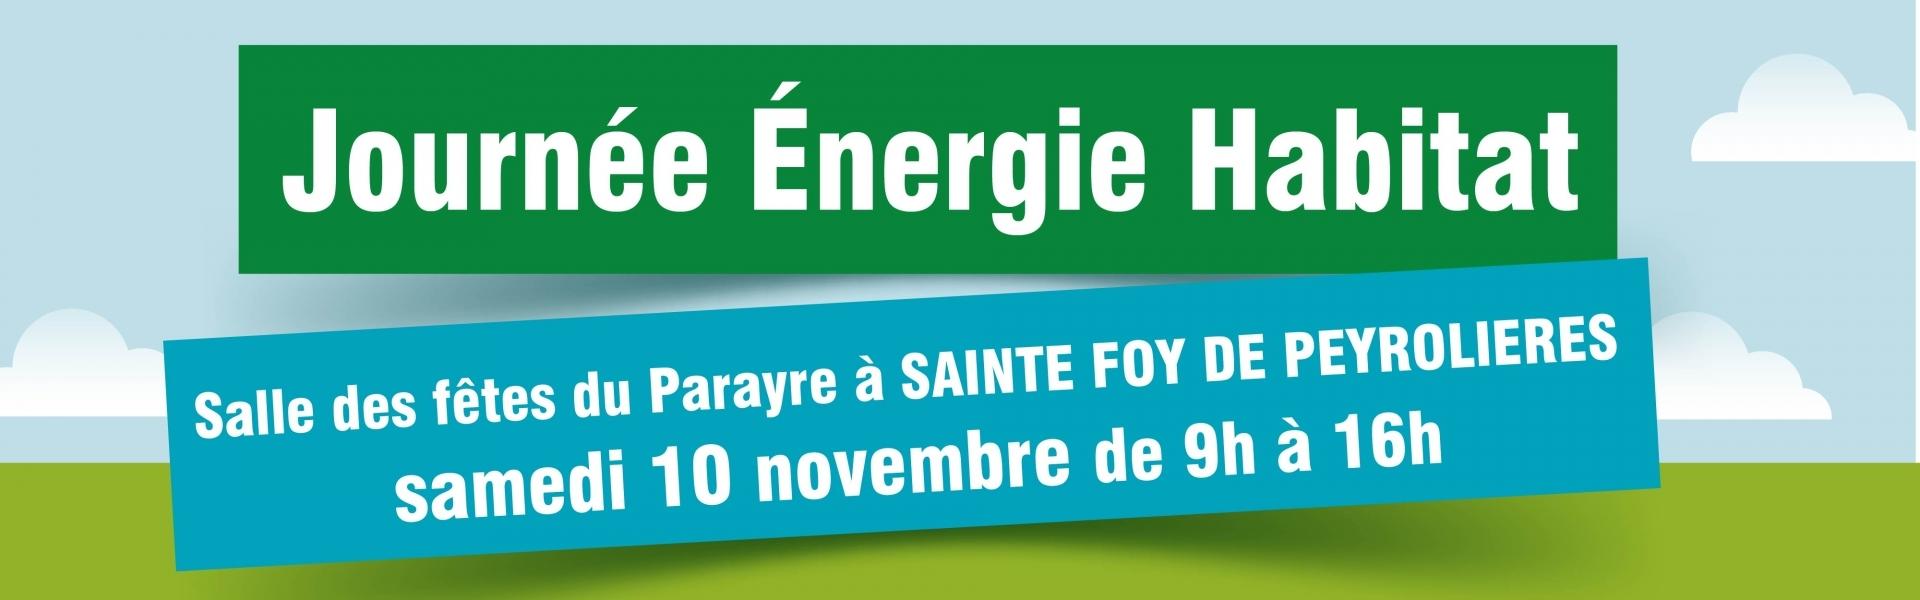 Journée énergie habitat à Sainte Foy de Peyrolières